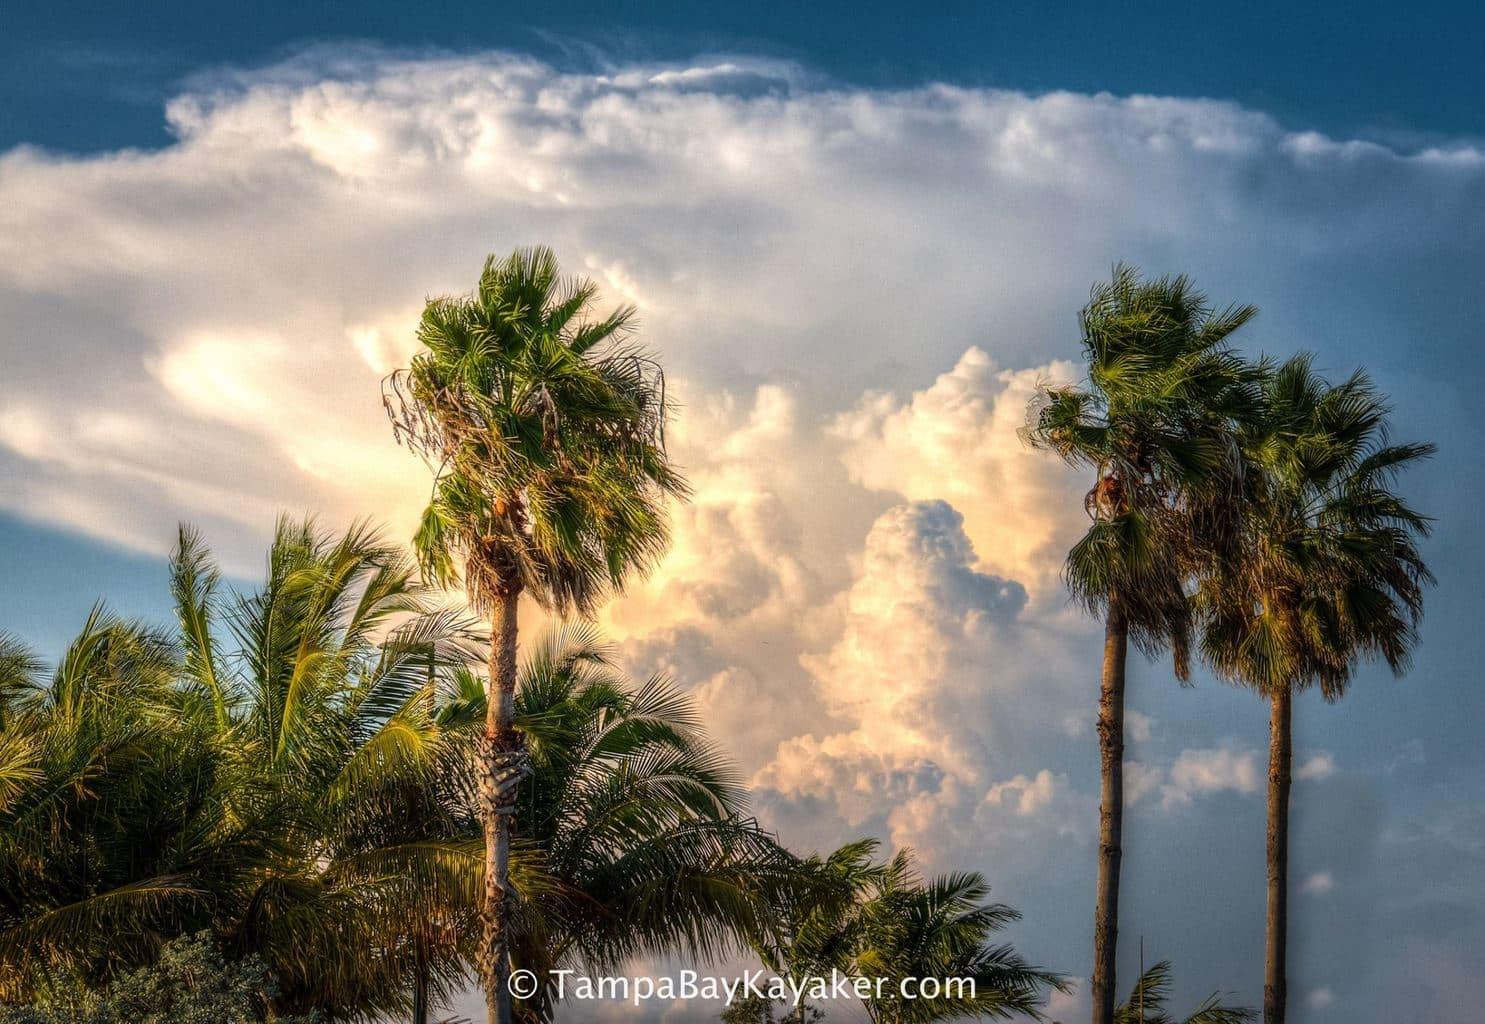 Big Storm Through The Palms - Sarasota, Florida